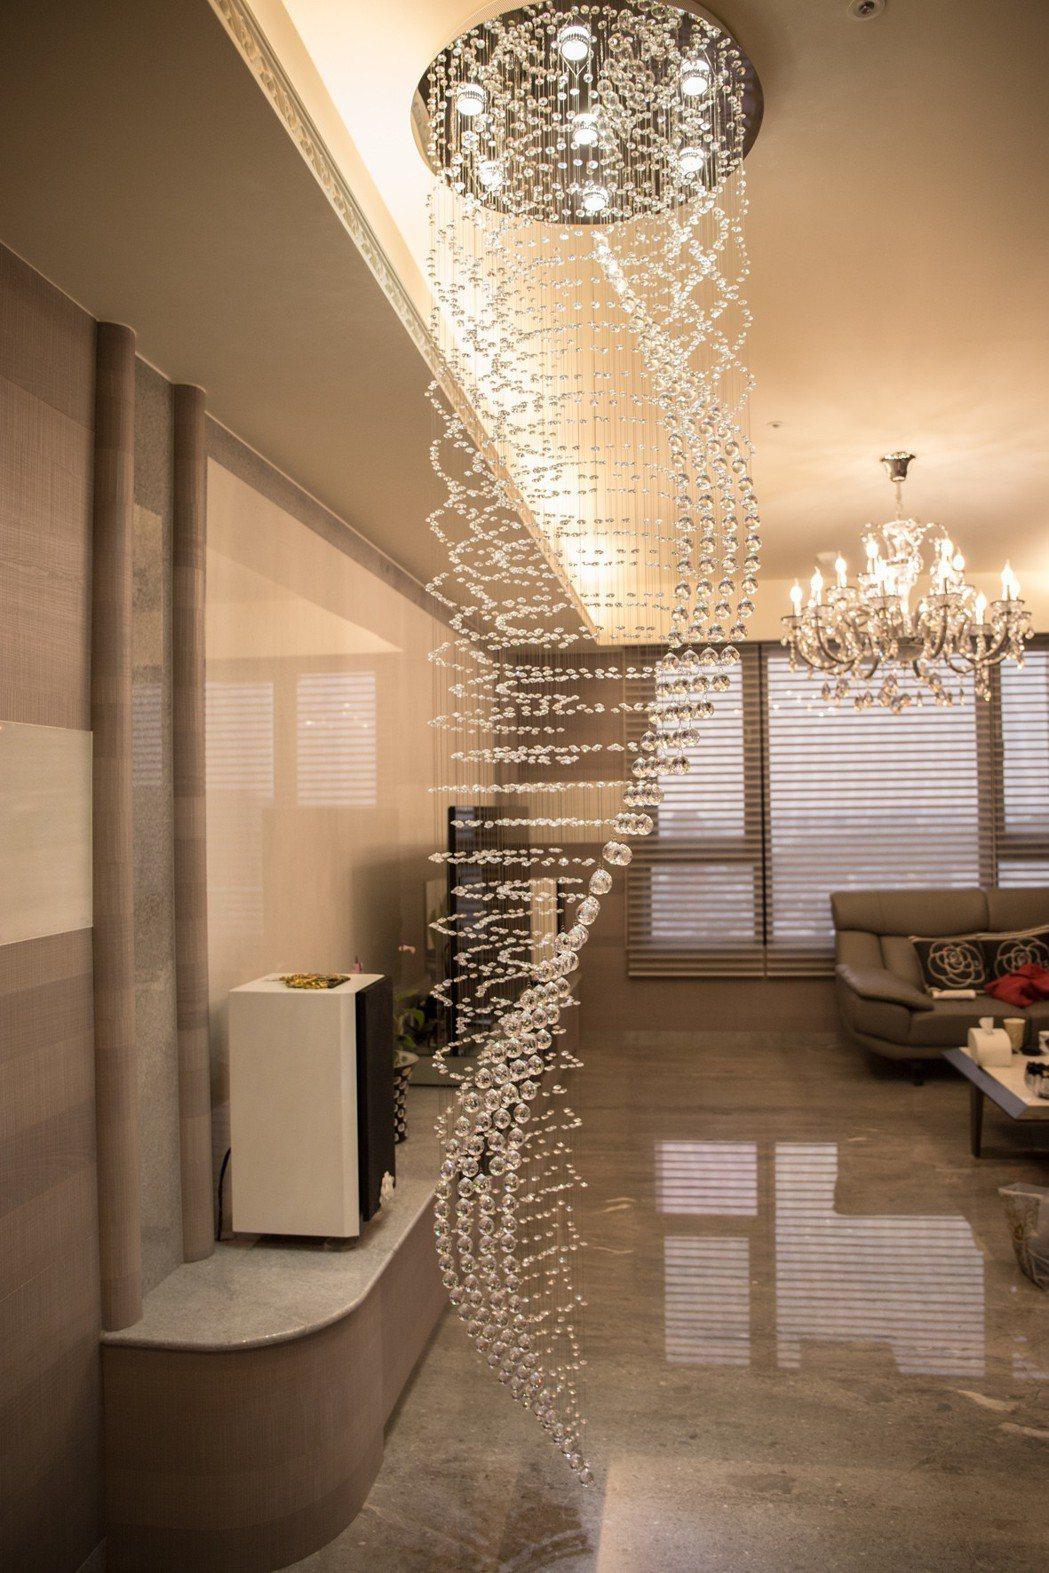 侯家一入口就是華麗的施華洛士奇螺旋水晶燈飾。 攝影/張世雅